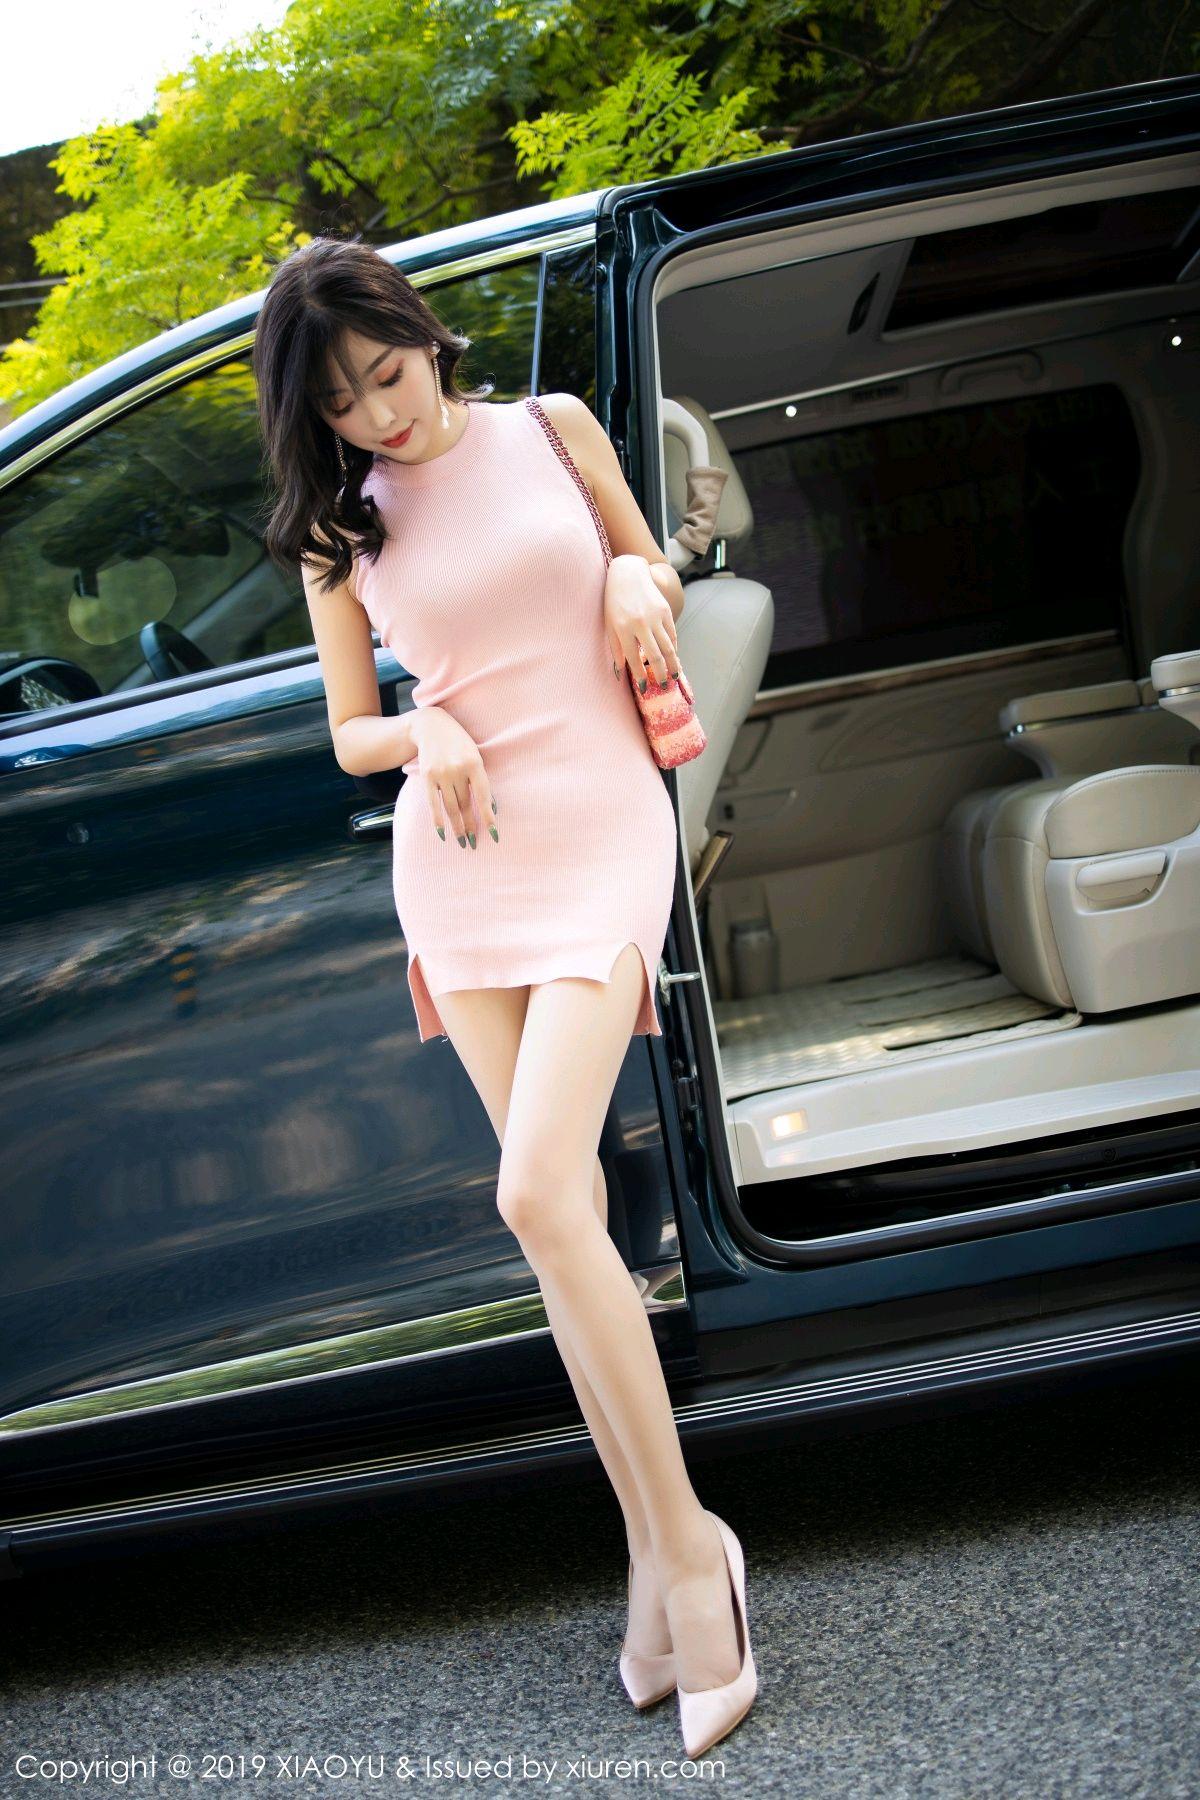 [XIAOYU] Vol.178 Yang Chen Chen 11P, Outdoor, Tall, XiaoYu, Yang Chen Chen